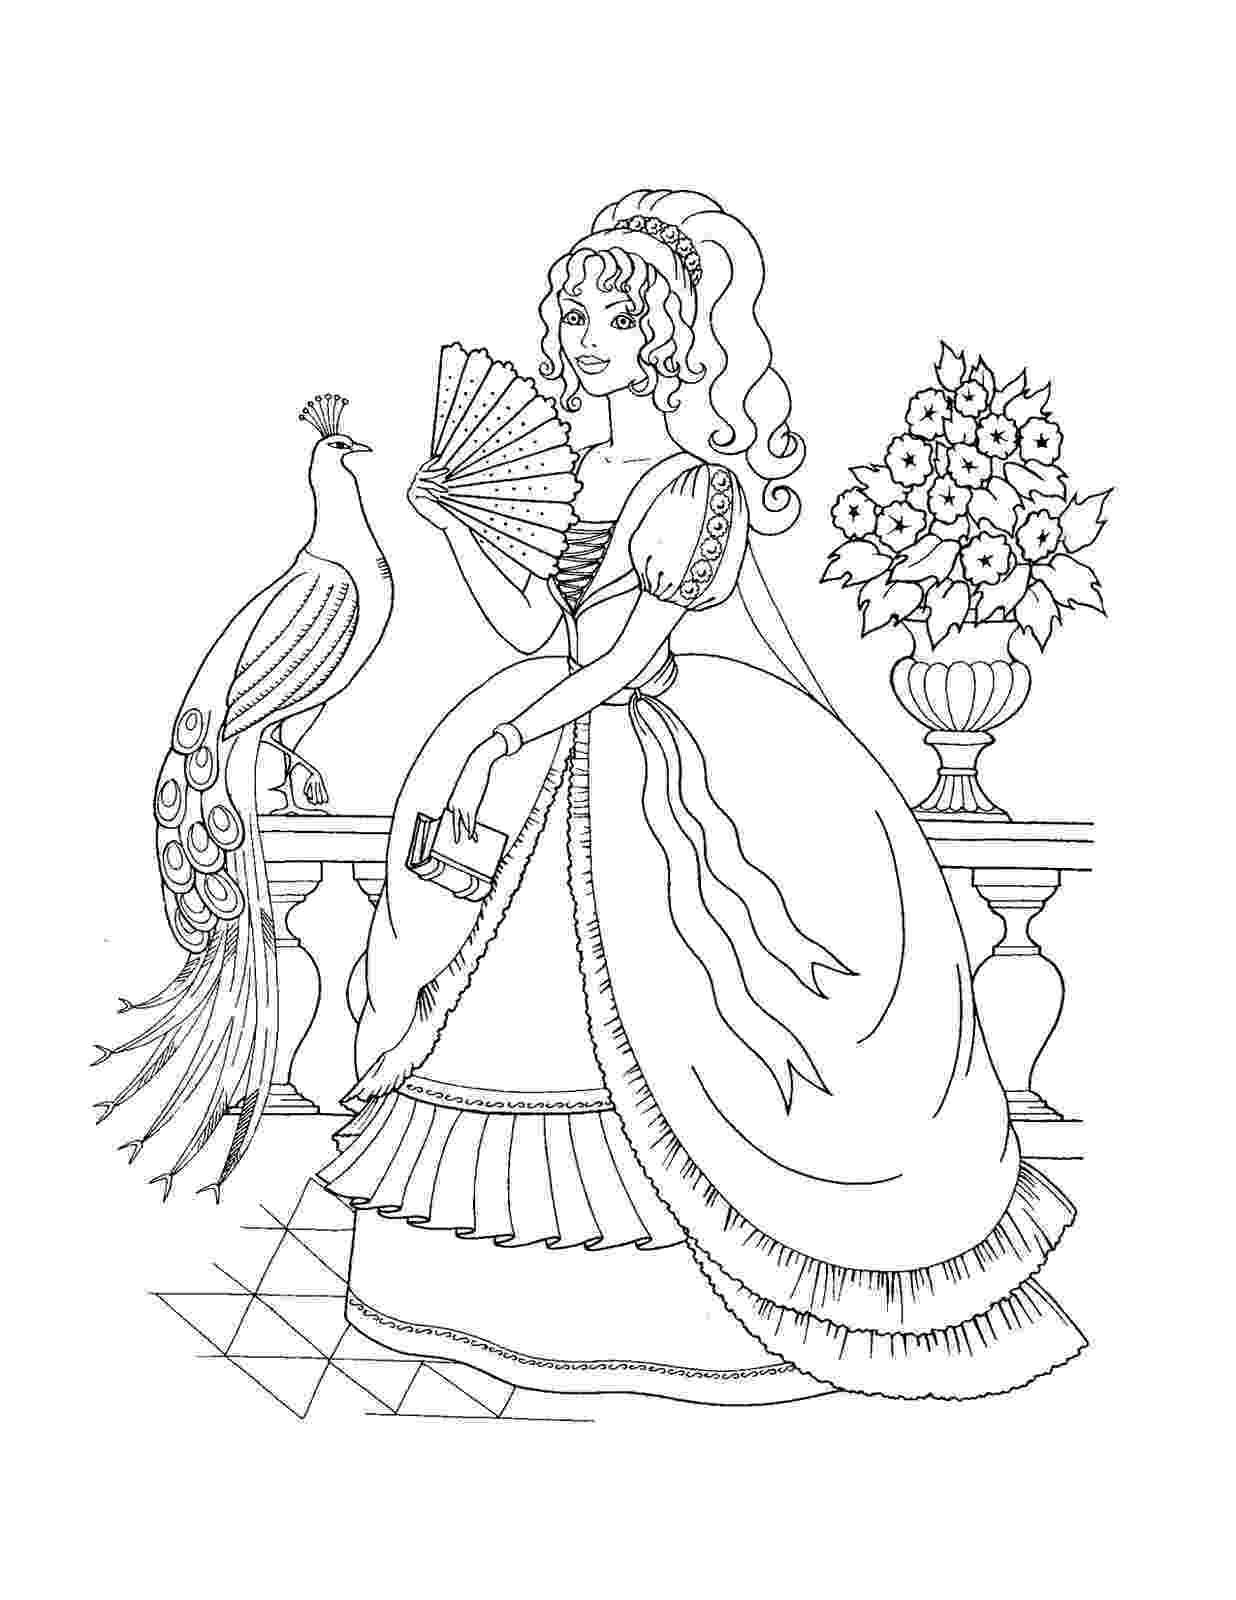 princess coloring sheets transmissionpress disney princess coloring pages coloring sheets princess